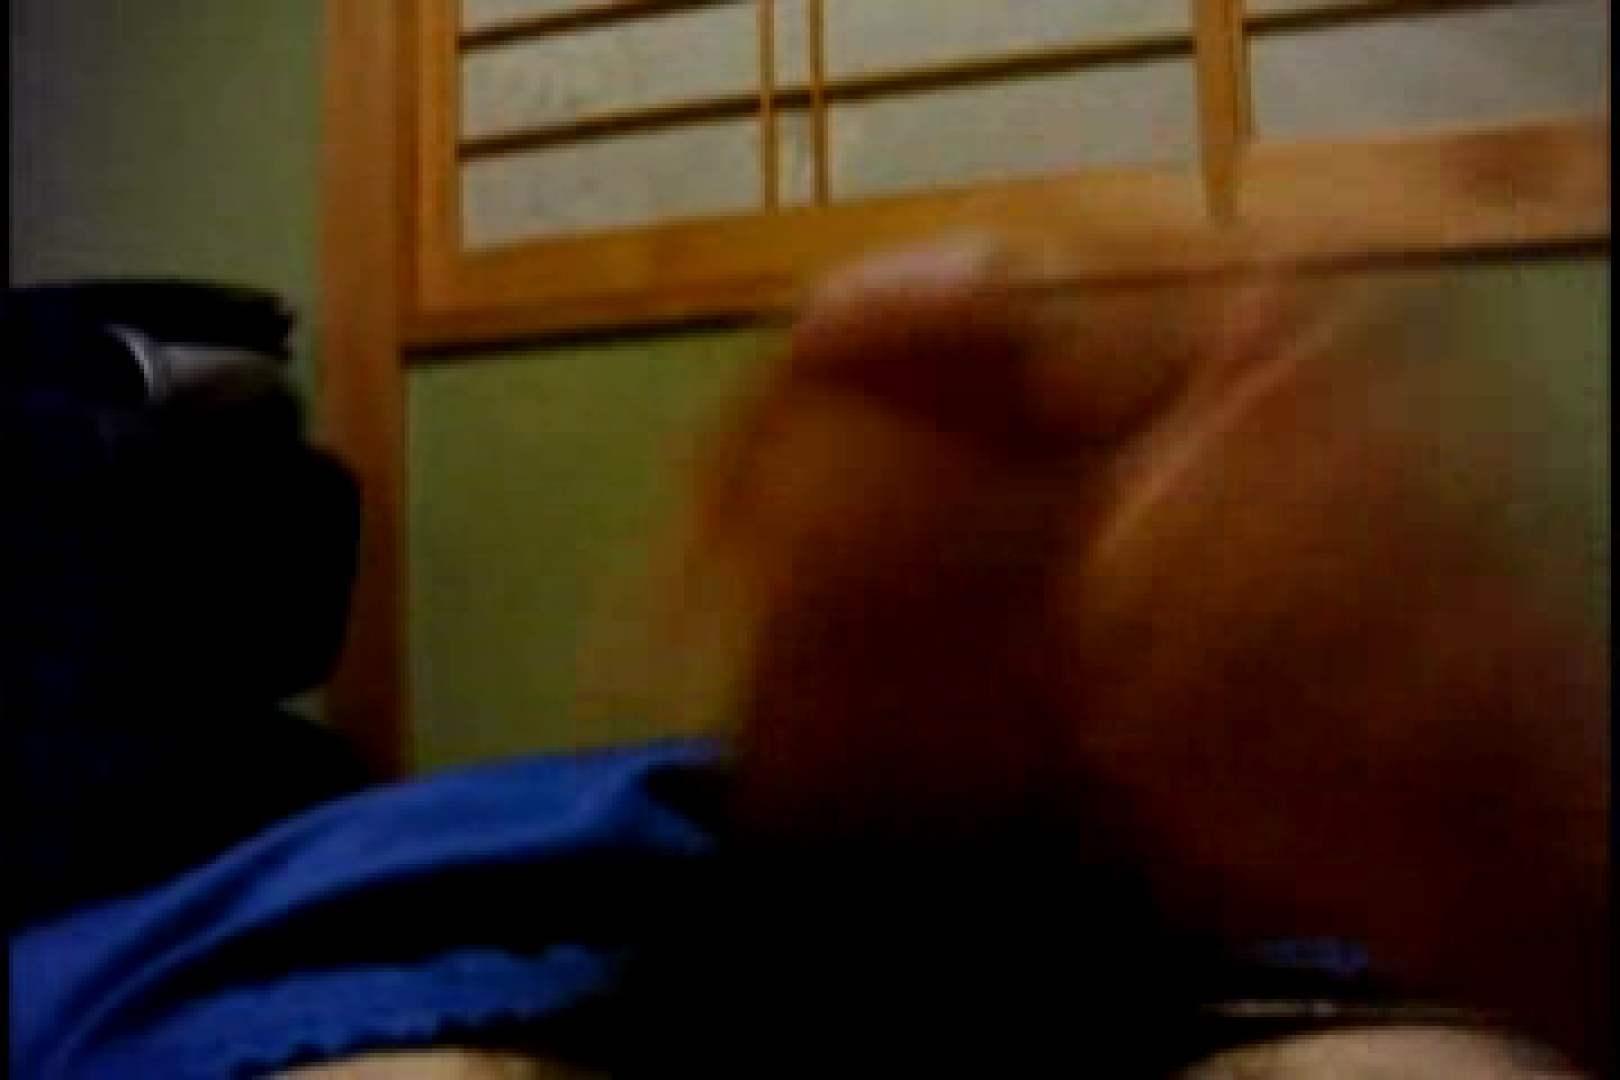 オナ好きノンケテニス部員の自画撮り投稿vol.02 ノンケまつり ゲイエロビデオ画像 77枚 4